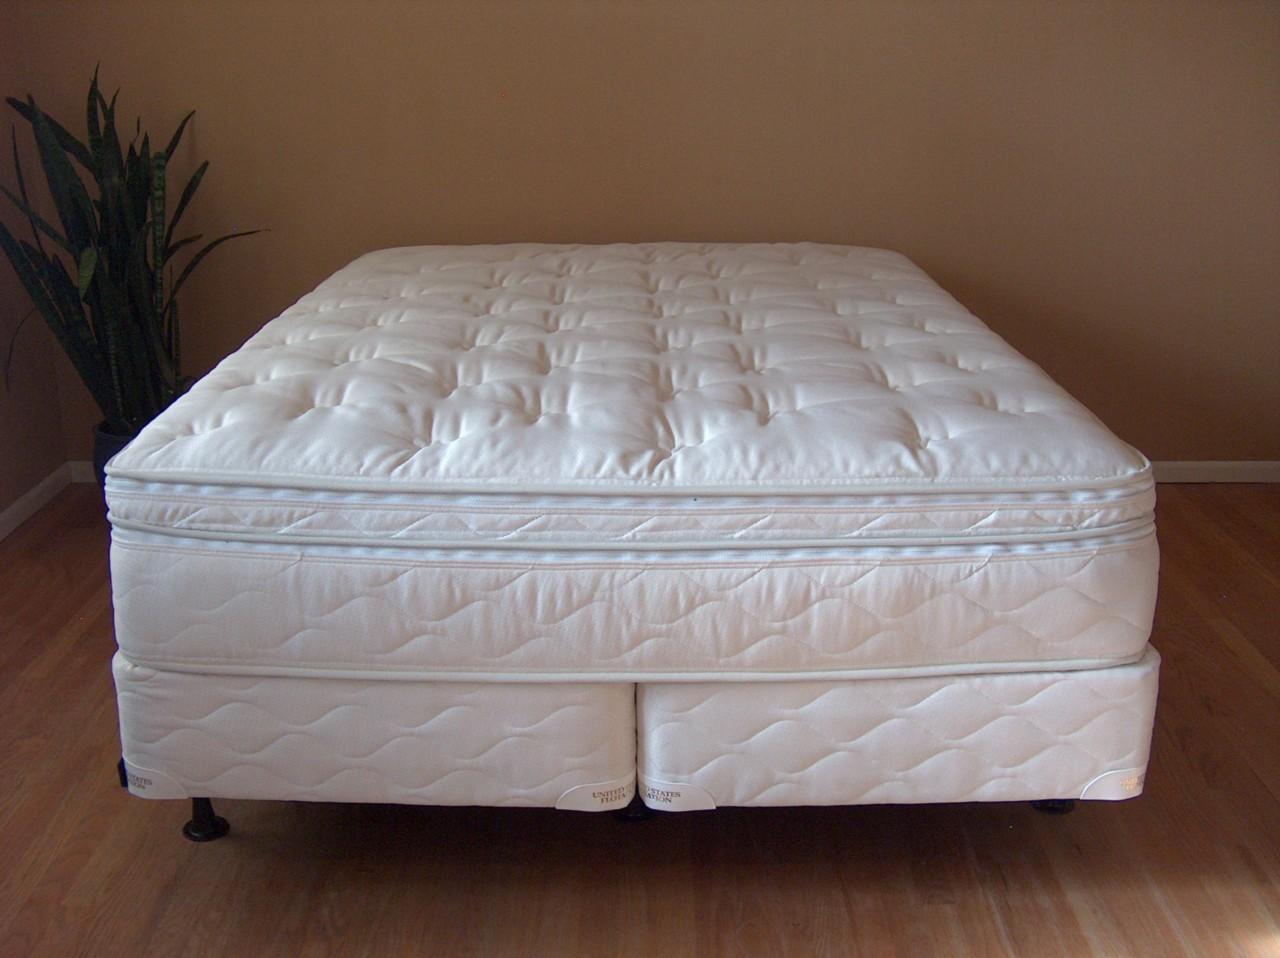 Comfort 10 Adjustable Air Bed Sleep Comfort Mattress